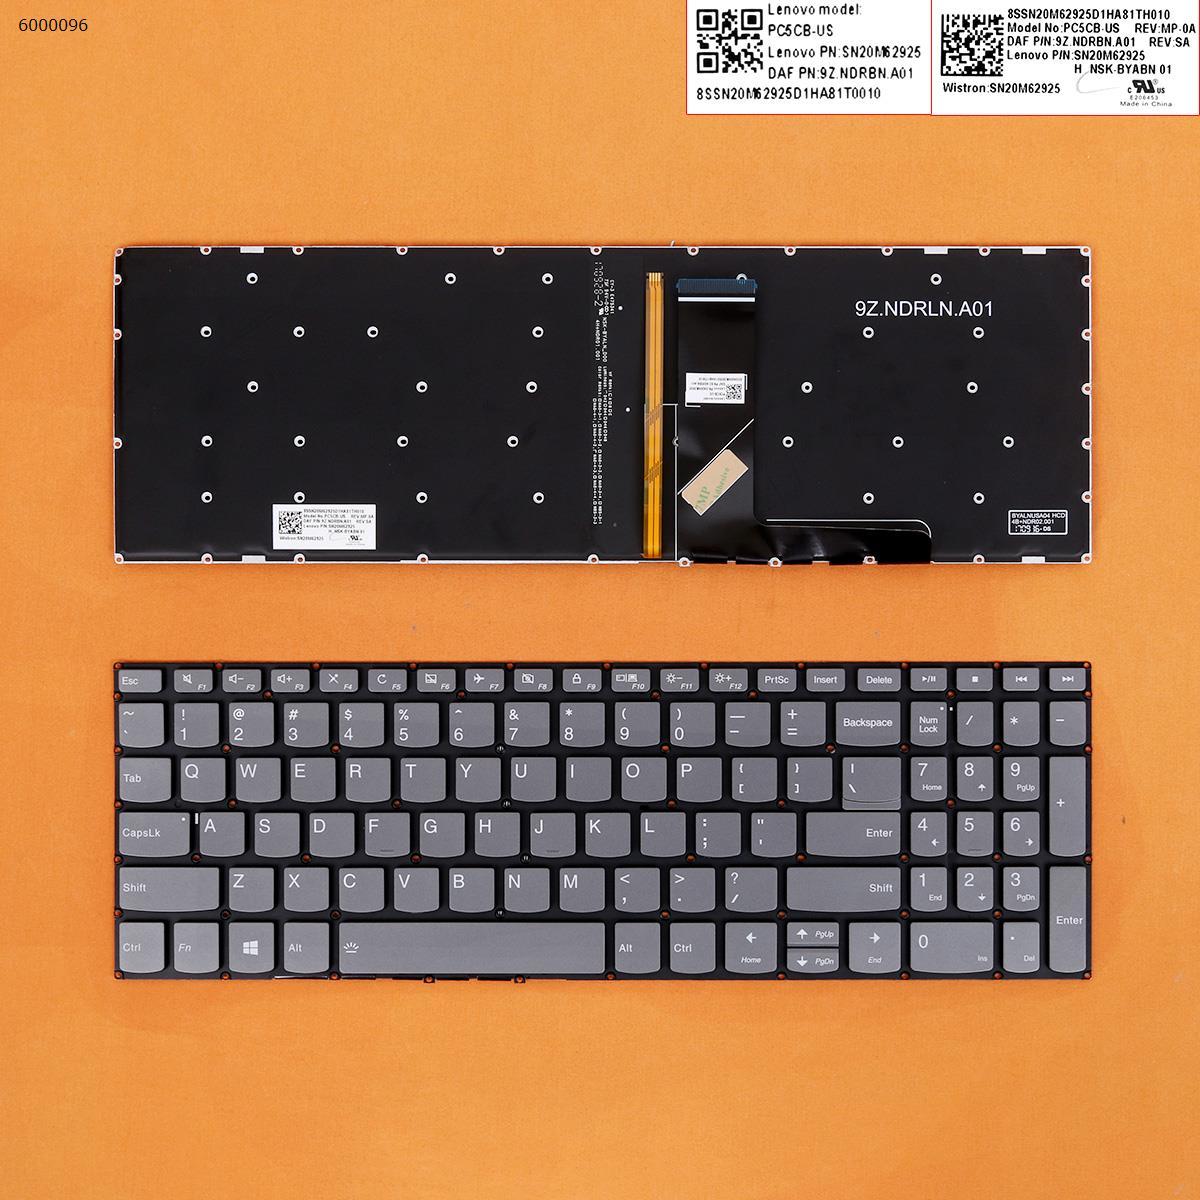 لنا QWERTY جديد استبدال لوحة المفاتيح لينوفو Ideapad 330-15IKB 330-17IKB V330-15ISK V330-15IK محمول رمادي مع الخلفية NO إطار